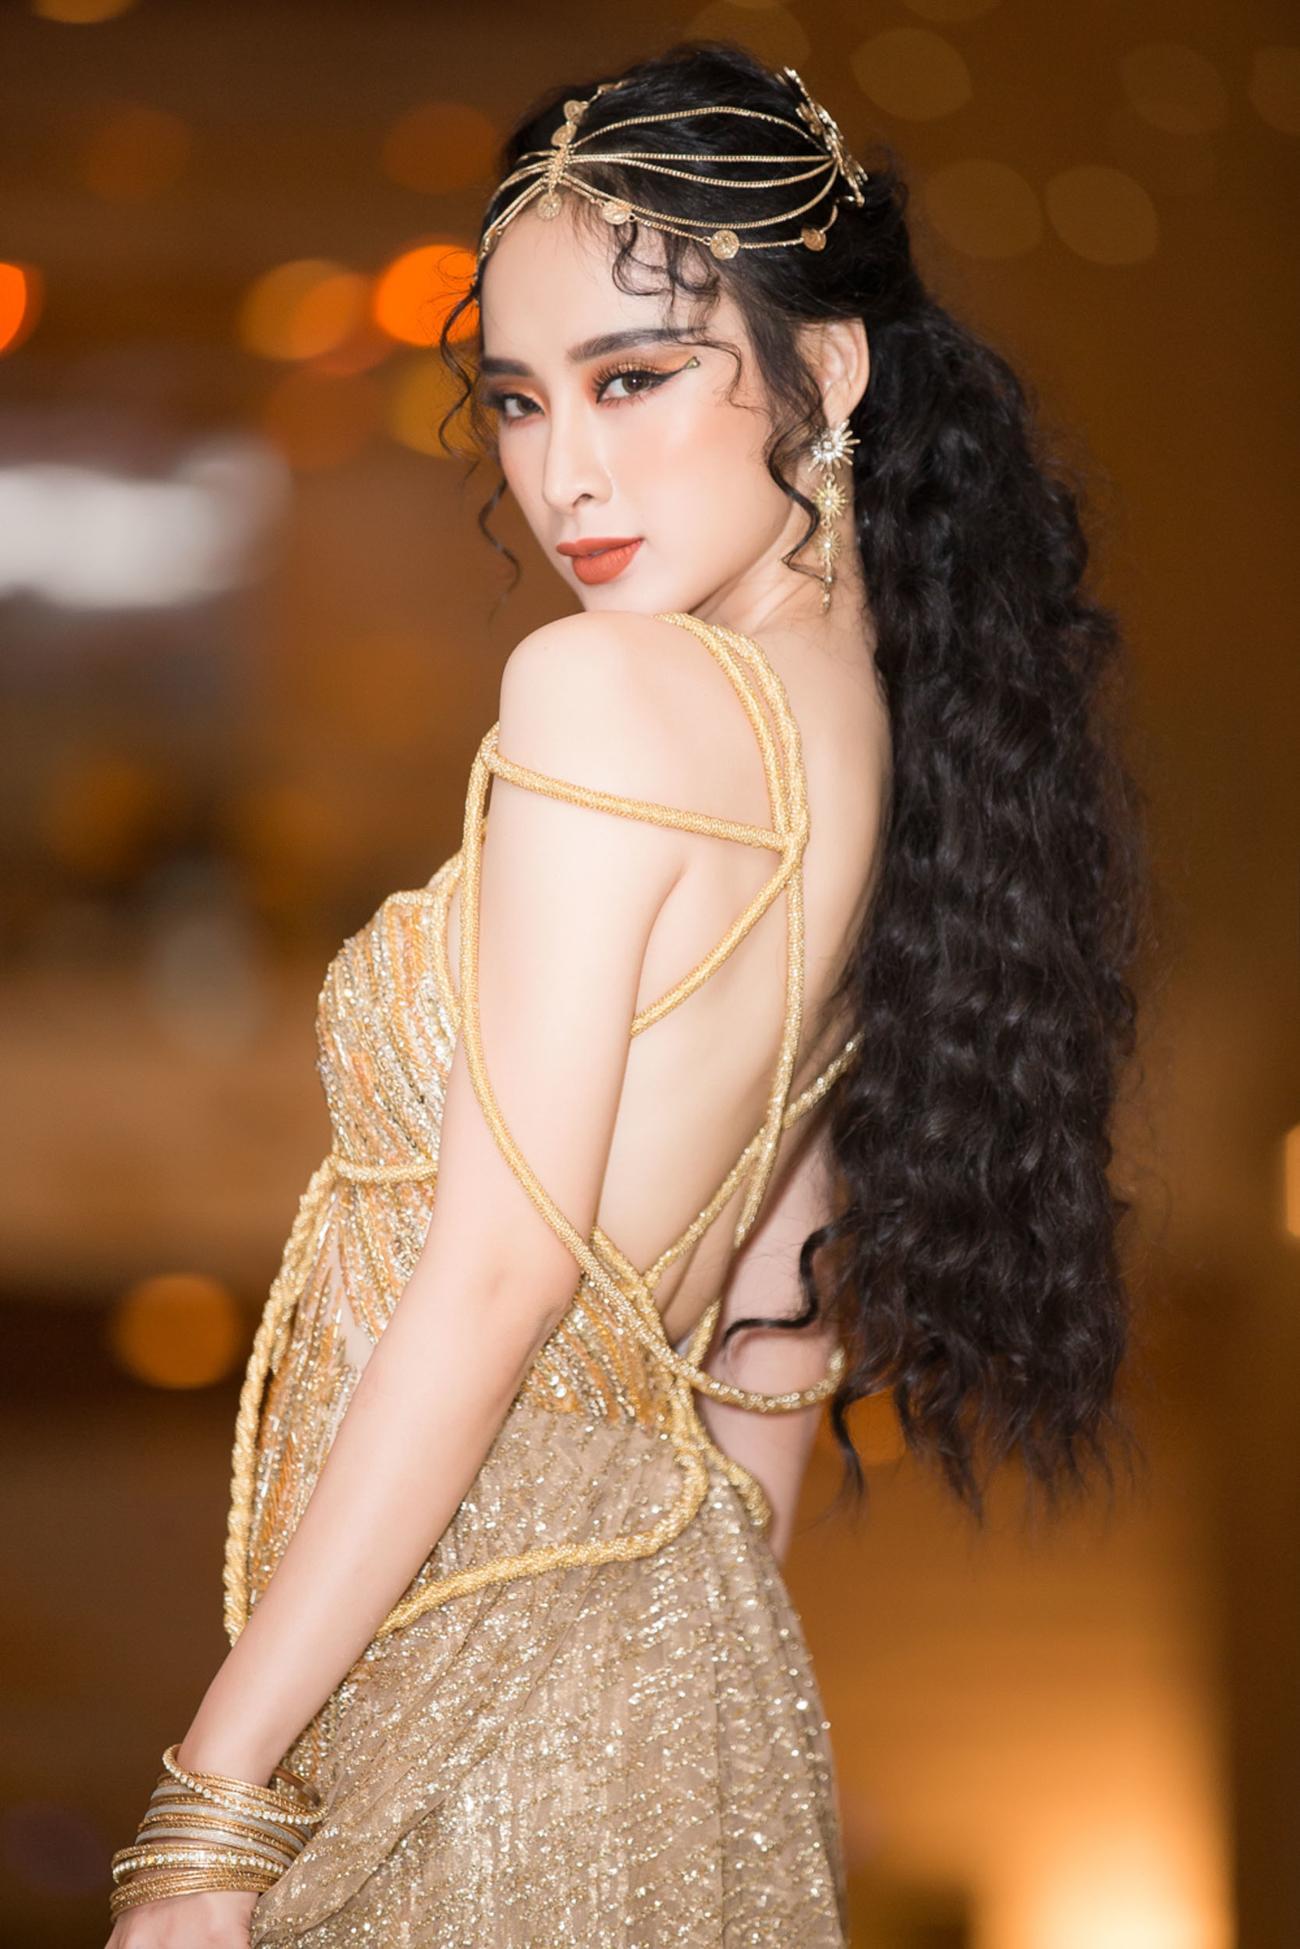 Mỹ nhân Việt lên thảm đỏ là cứ phải cosplay theo phong cách nữ thần, bà hoàng-11